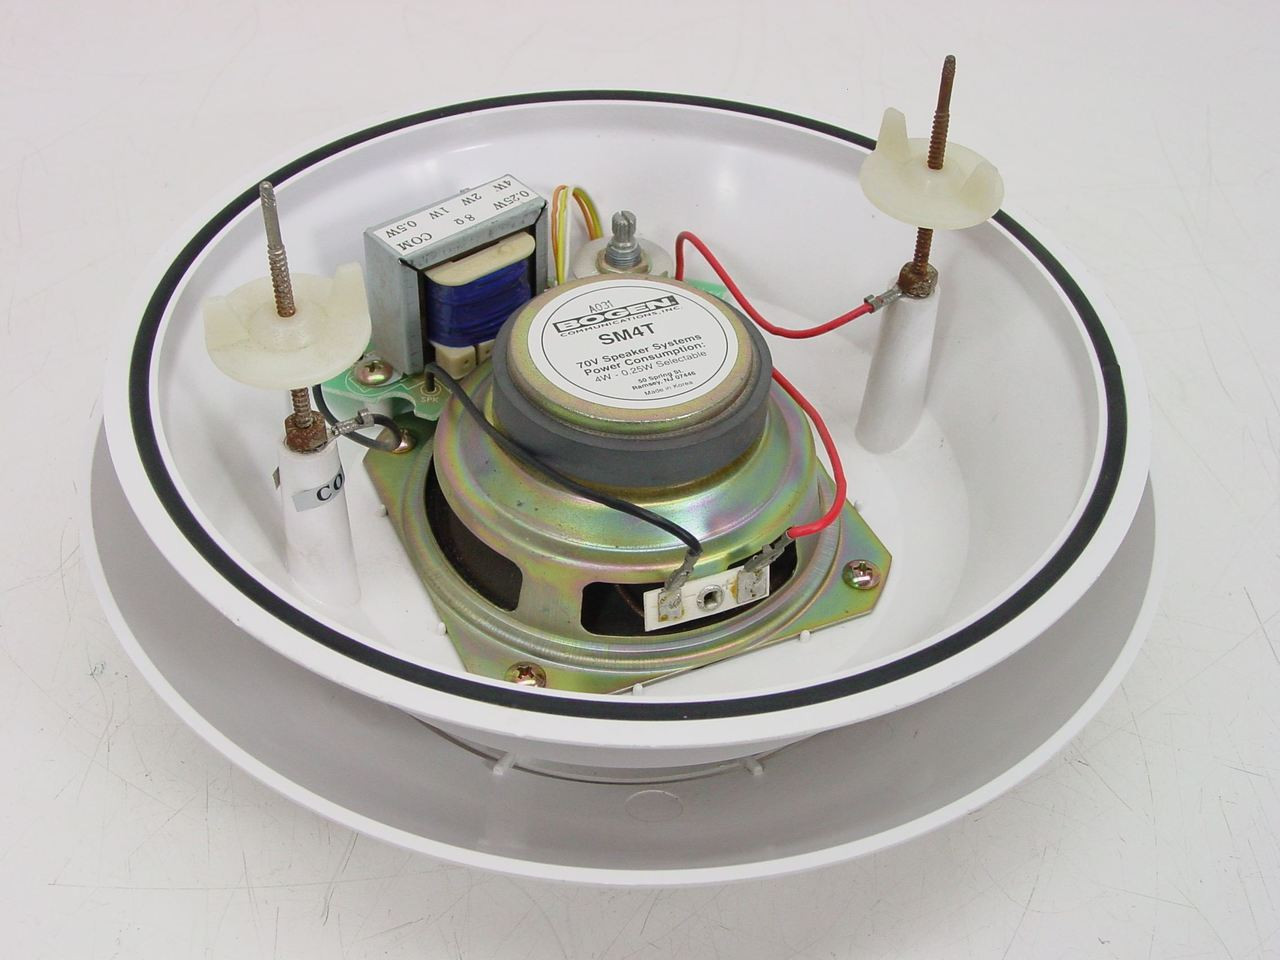 bogen communications inc sm4t 70v speaker system 4w 0. Black Bedroom Furniture Sets. Home Design Ideas